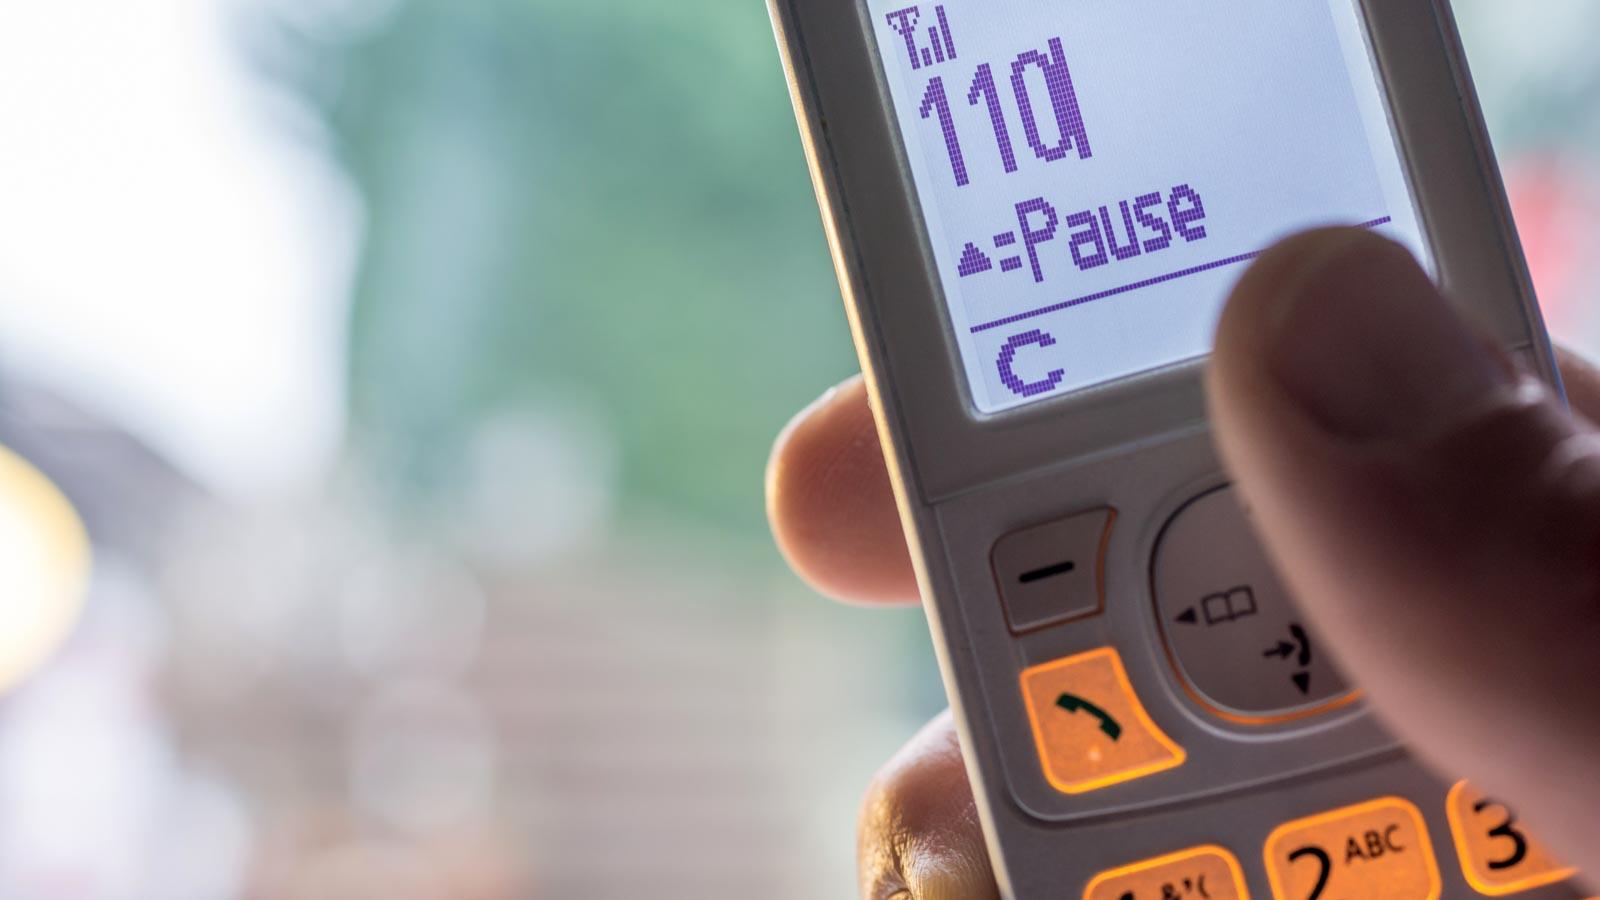 Mobiltelefon in Großaufnahme mit der Nummer 110 im Display